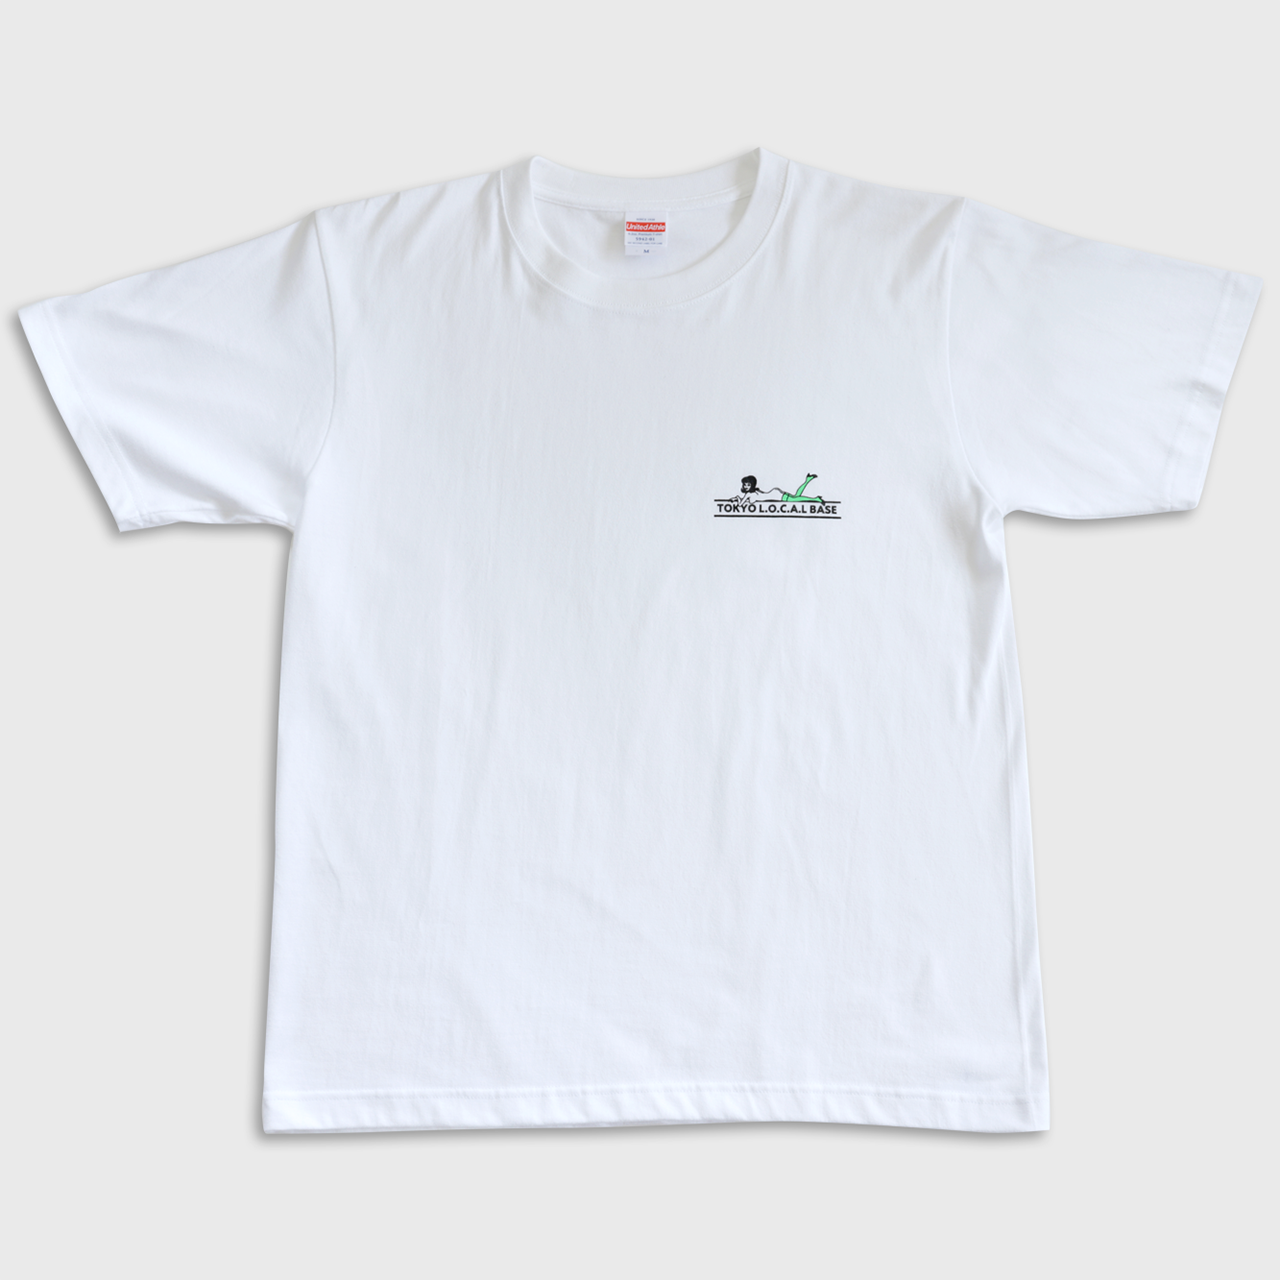 「SEXY GIRL」TOKYO L.O.C.A.L BASE Tシャツ